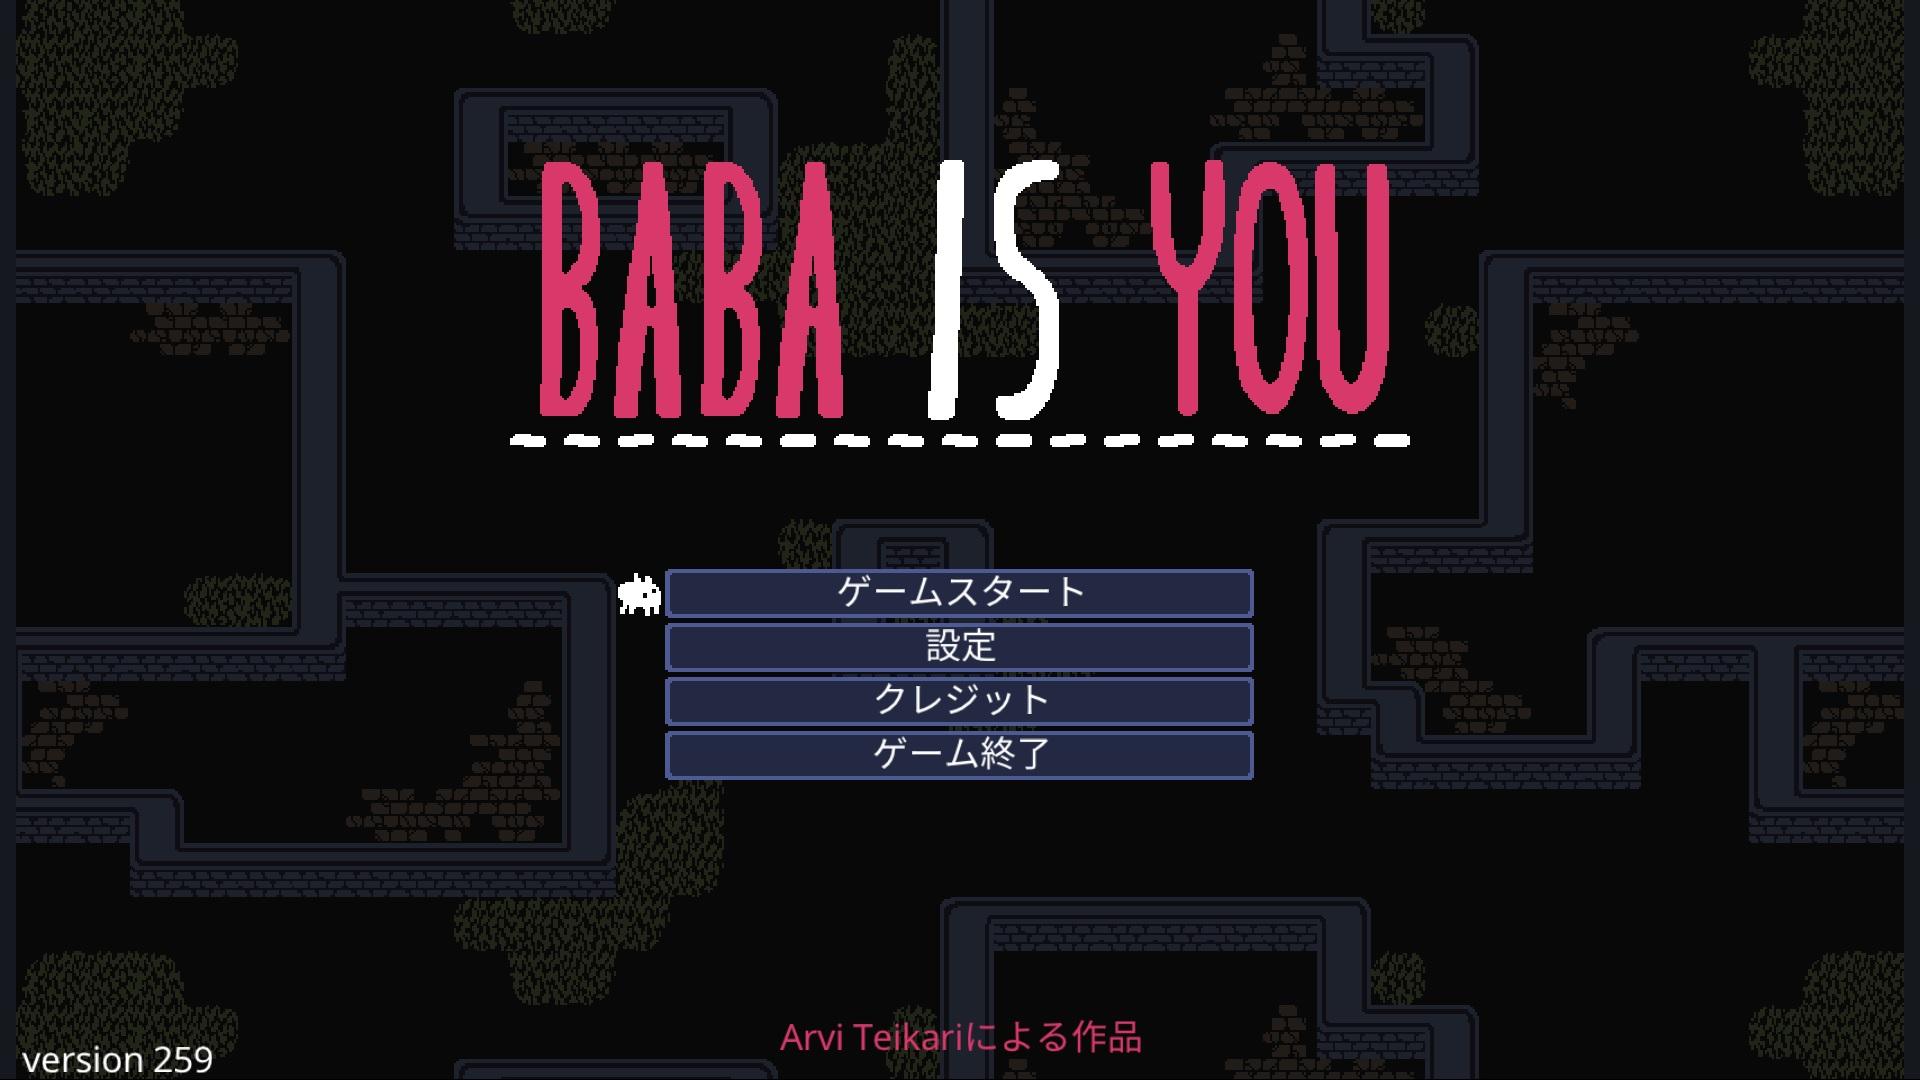 BABA-is-YOU